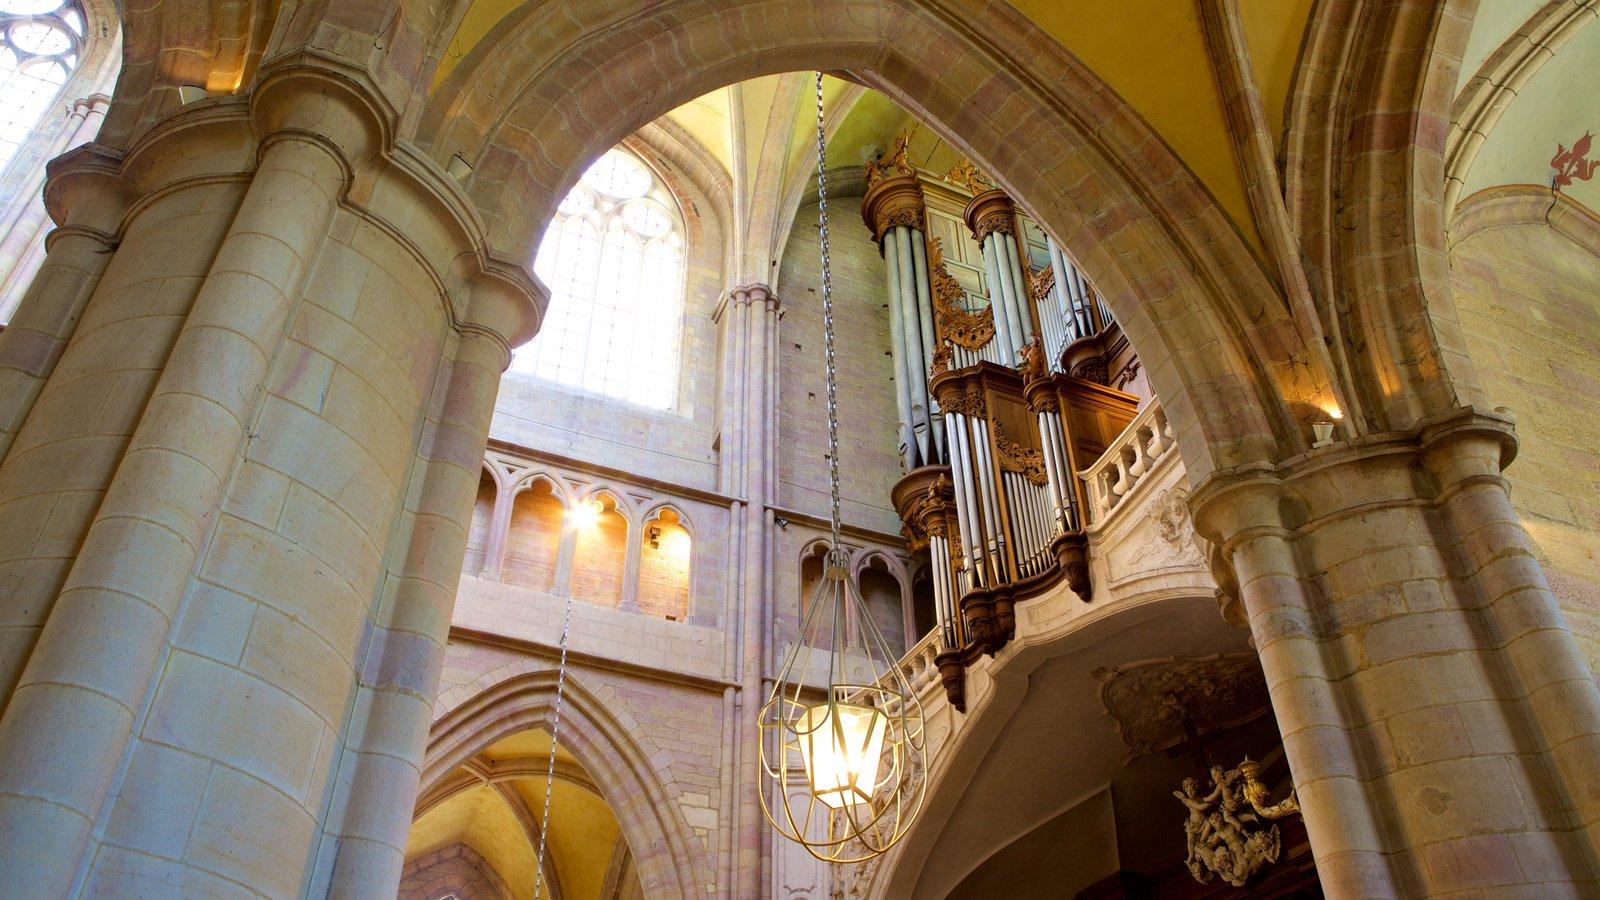 Catedral de Dijon caracterizando vistas internas, elementos de patrimônio e uma igreja ou catedral